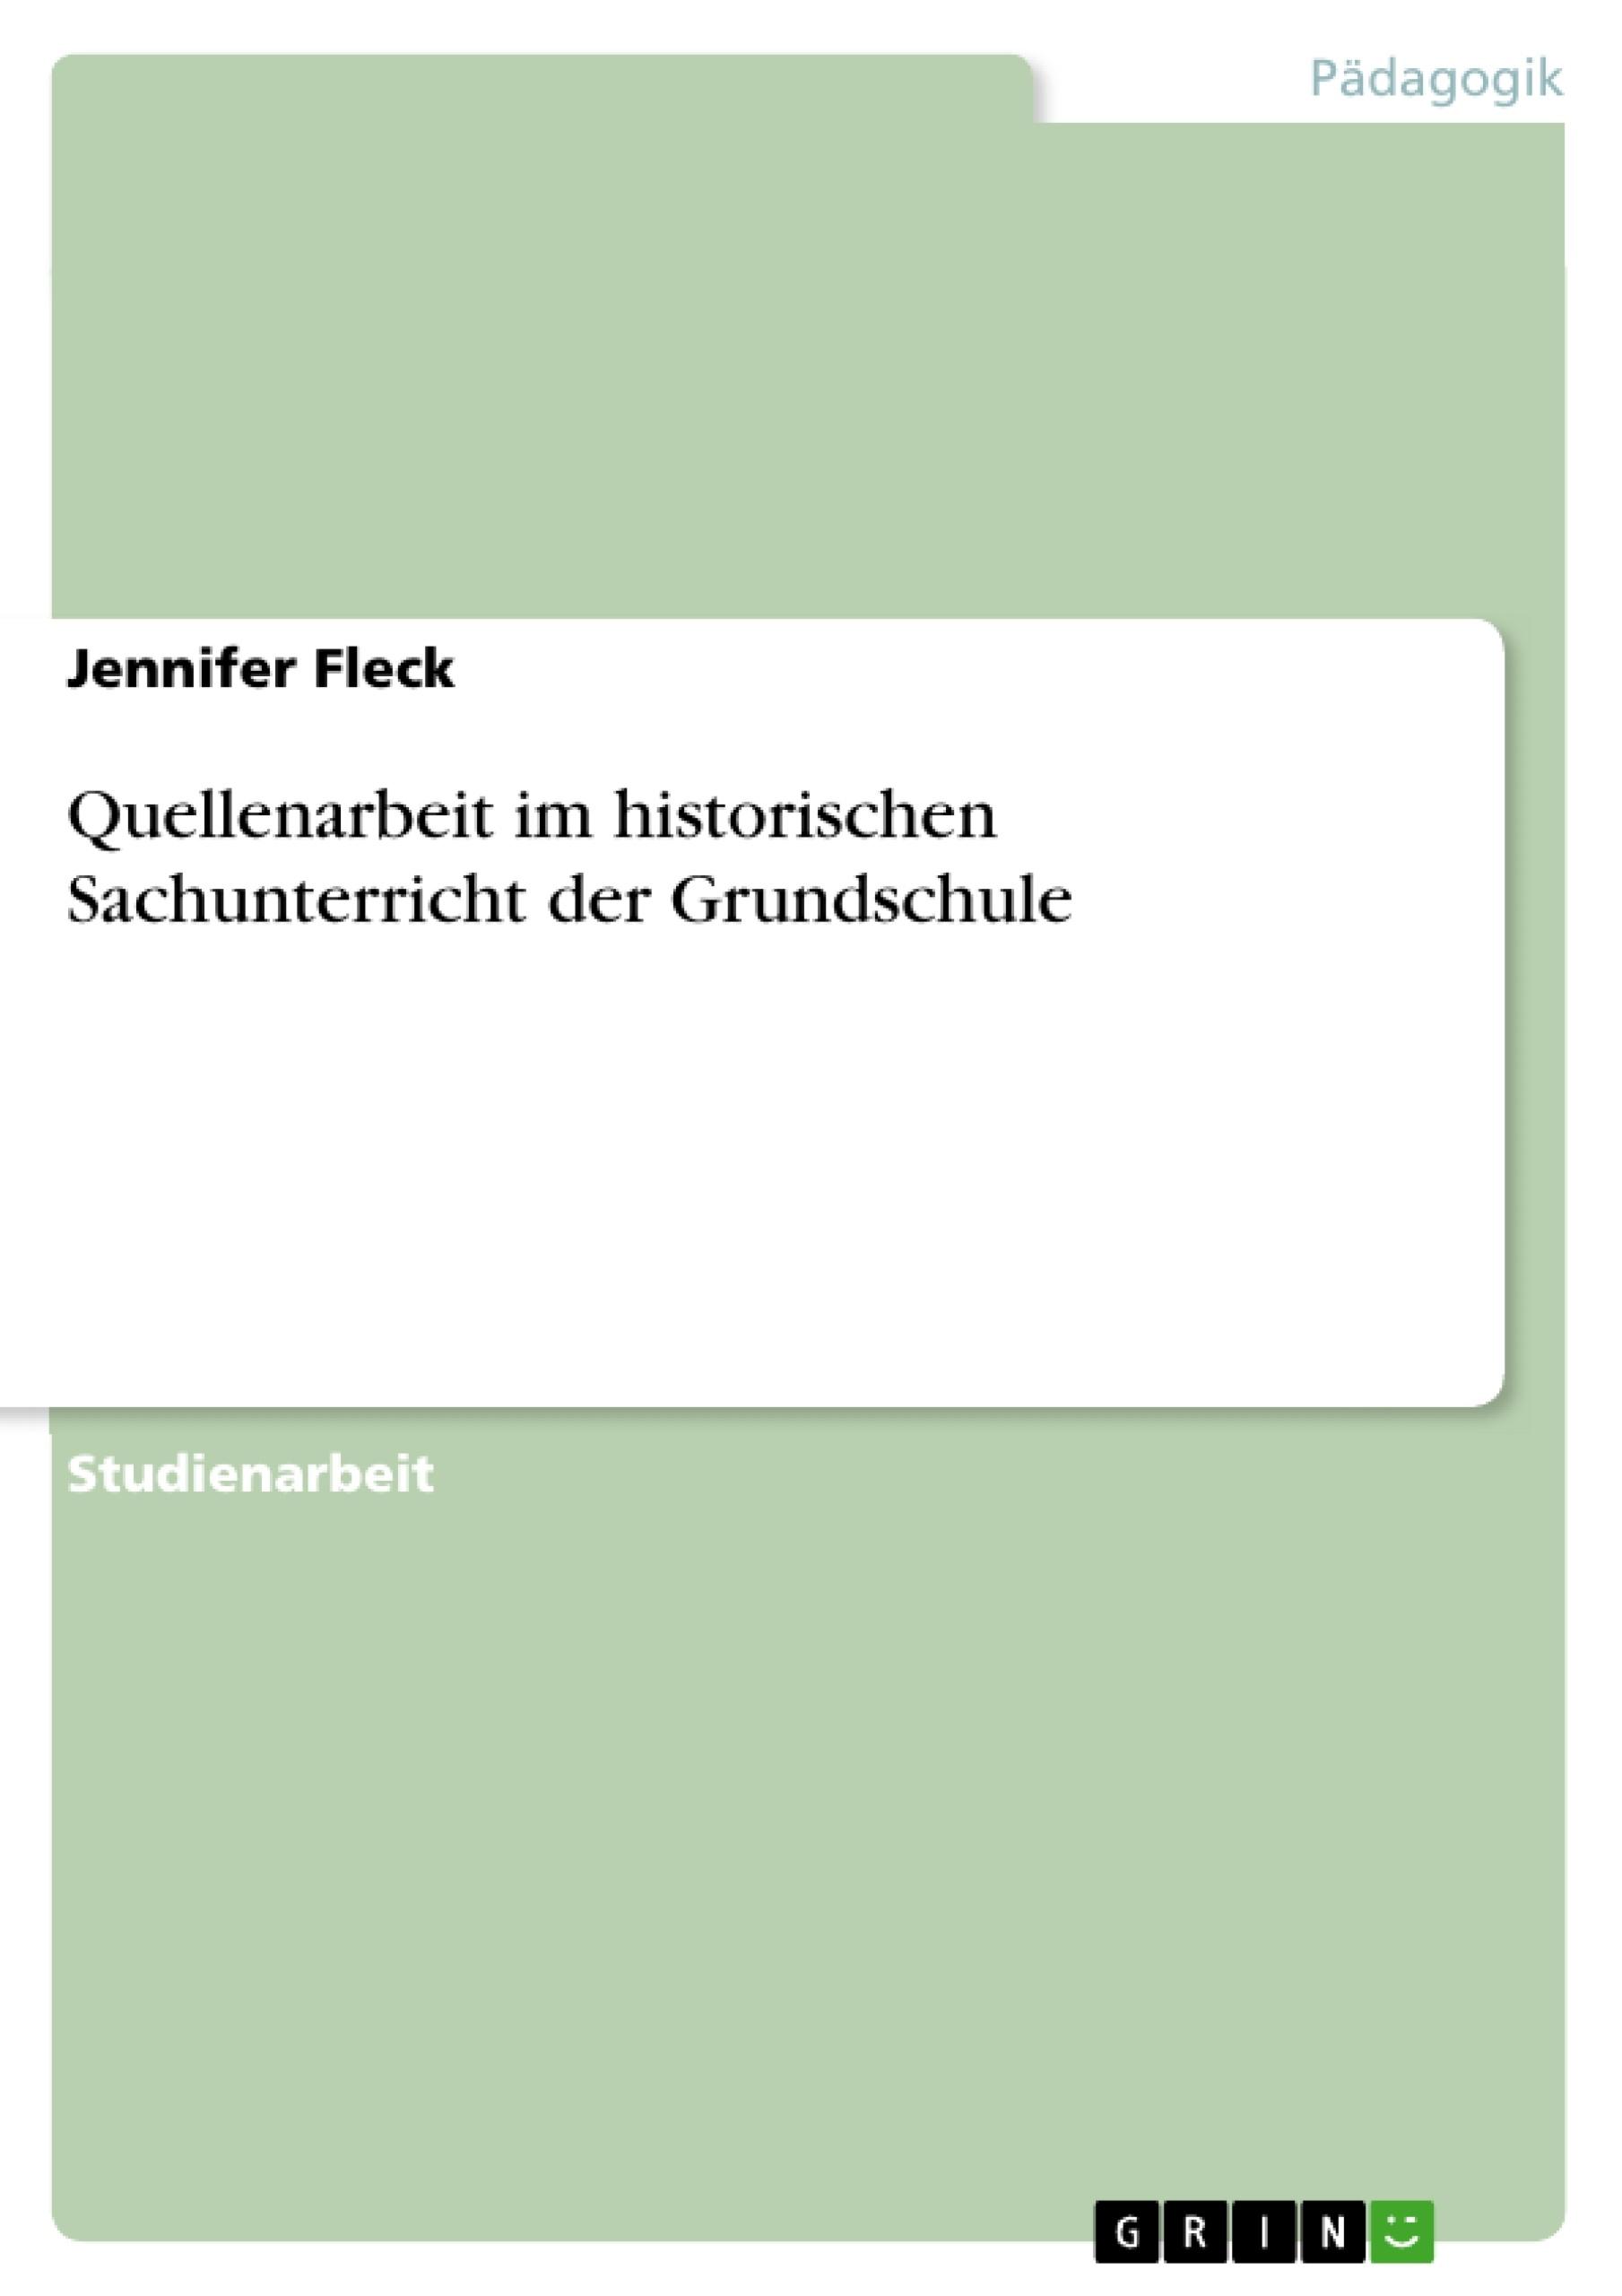 Titel: Quellenarbeit im historischen Sachunterricht der Grundschule